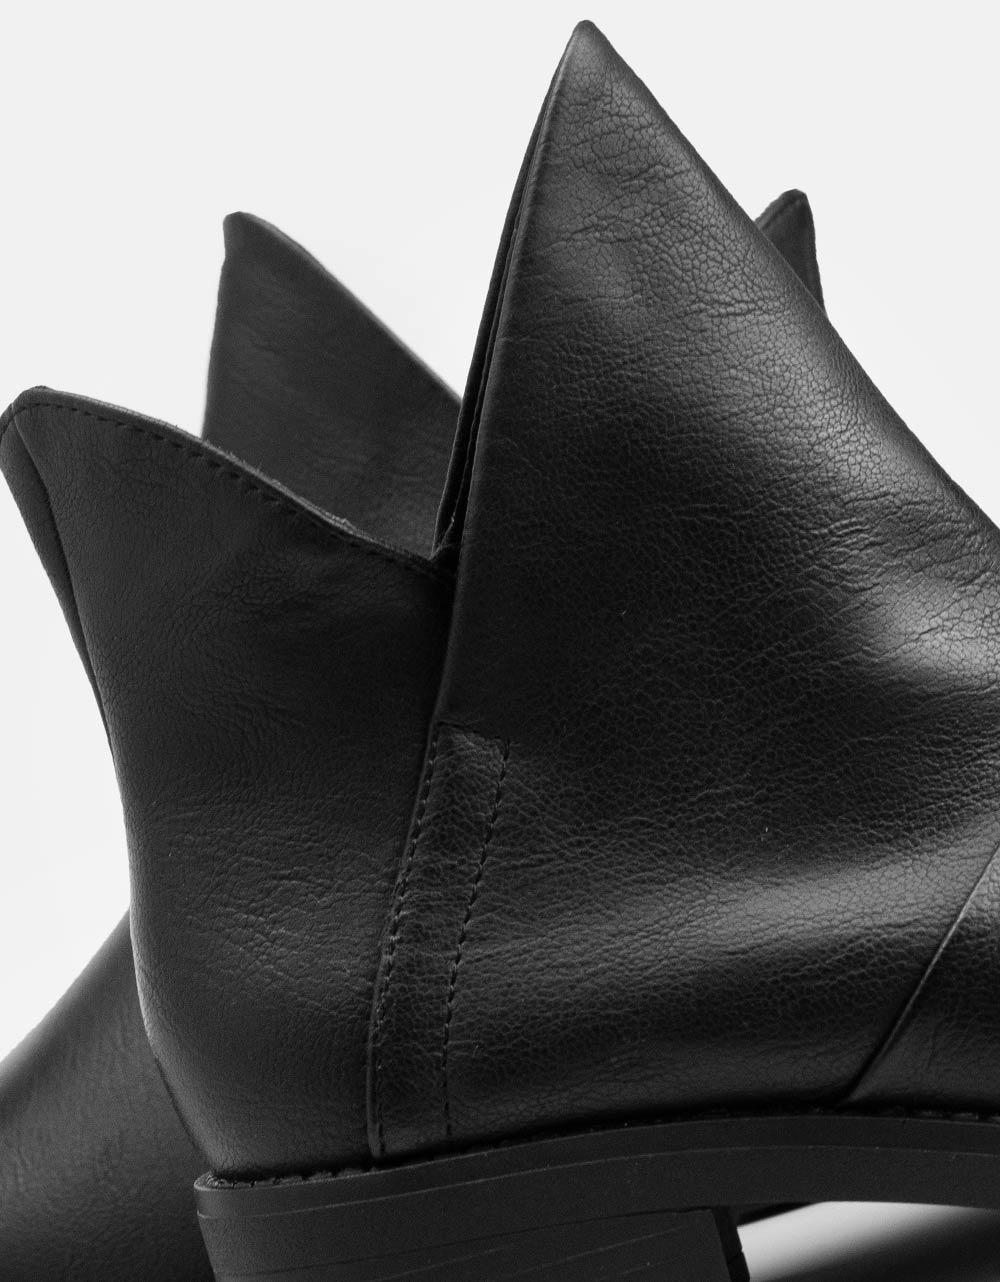 Εικόνα από  Γυναικεία μποτάκια με ιδιαίτερο κόψιμο Μαύρο